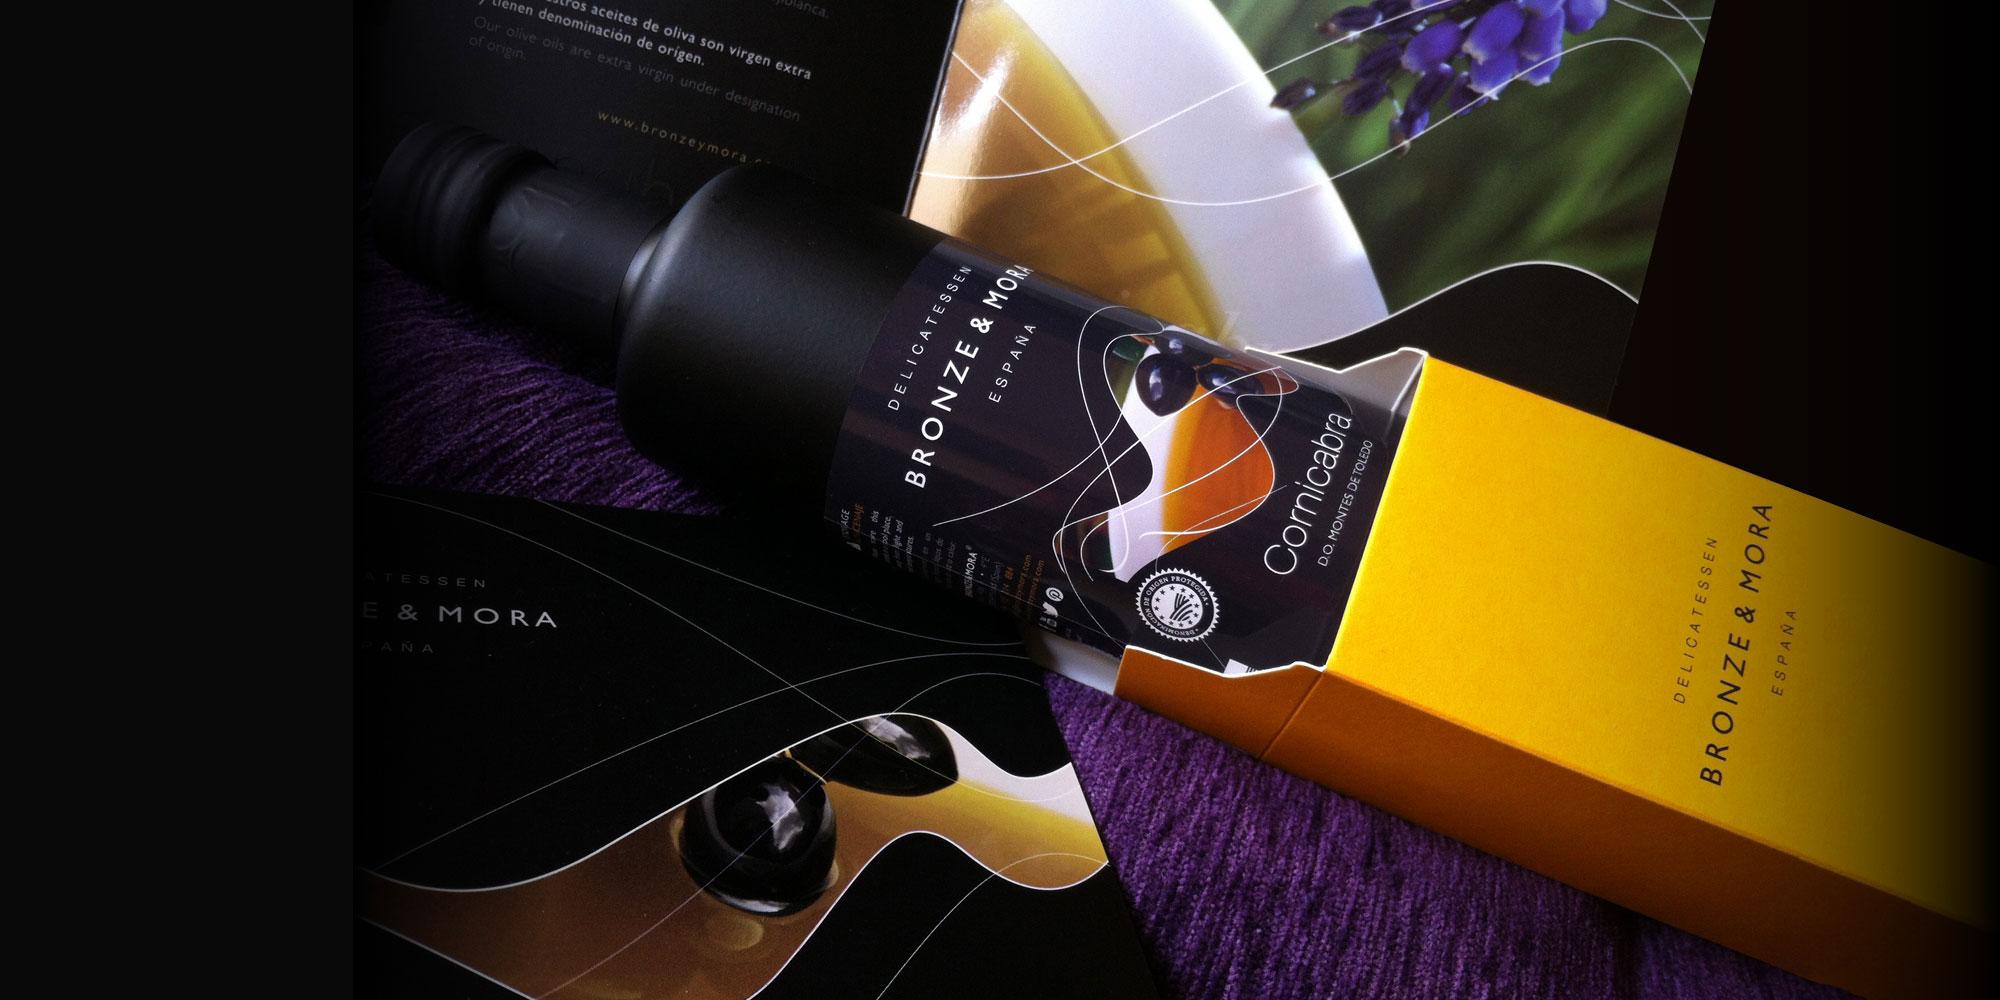 Aceite de oliva virgen extra Bronze y Mora ideal como regalo gourmet y aceite para regalar